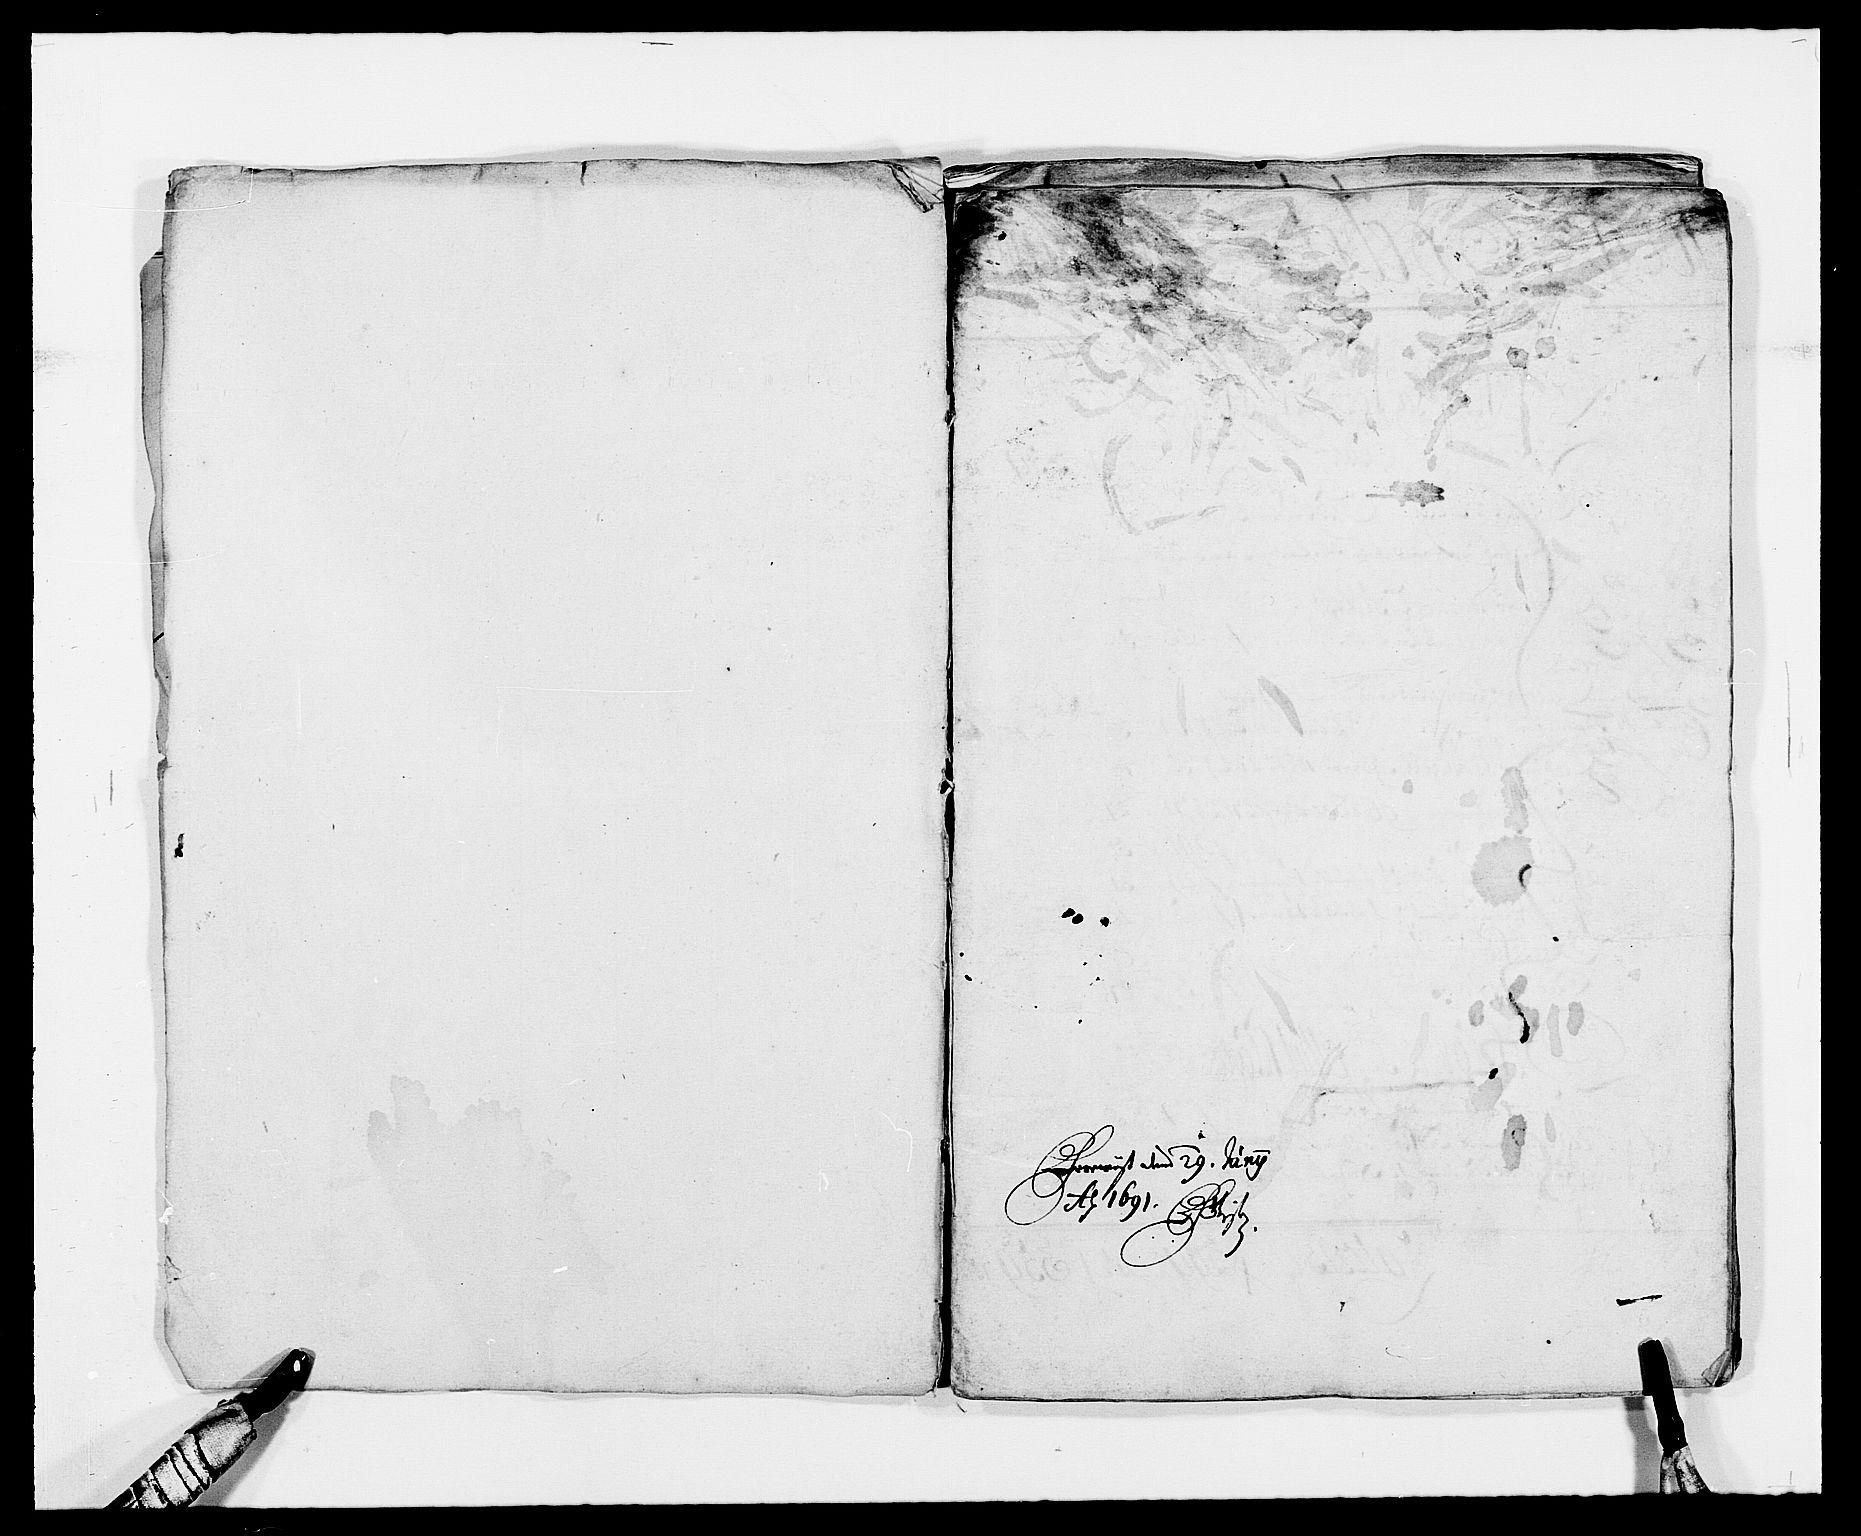 RA, Rentekammeret inntil 1814, Reviderte regnskaper, Fogderegnskap, R34/L2050: Fogderegnskap Bamble, 1688-1691, s. 6